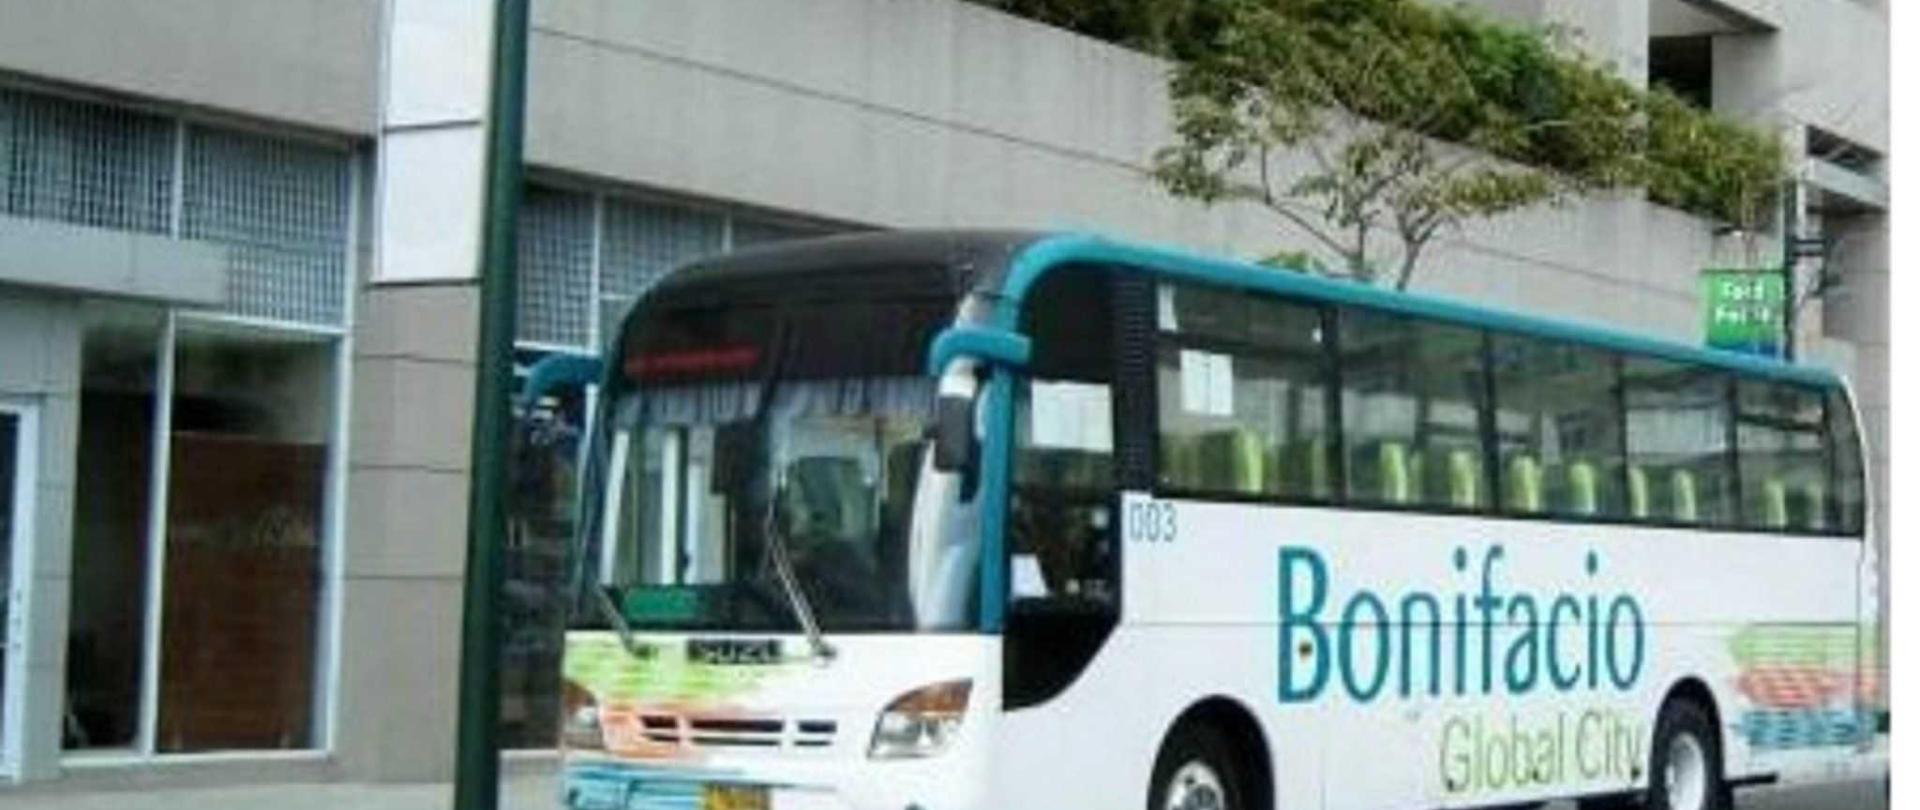 BGC Bus stops outside Avant